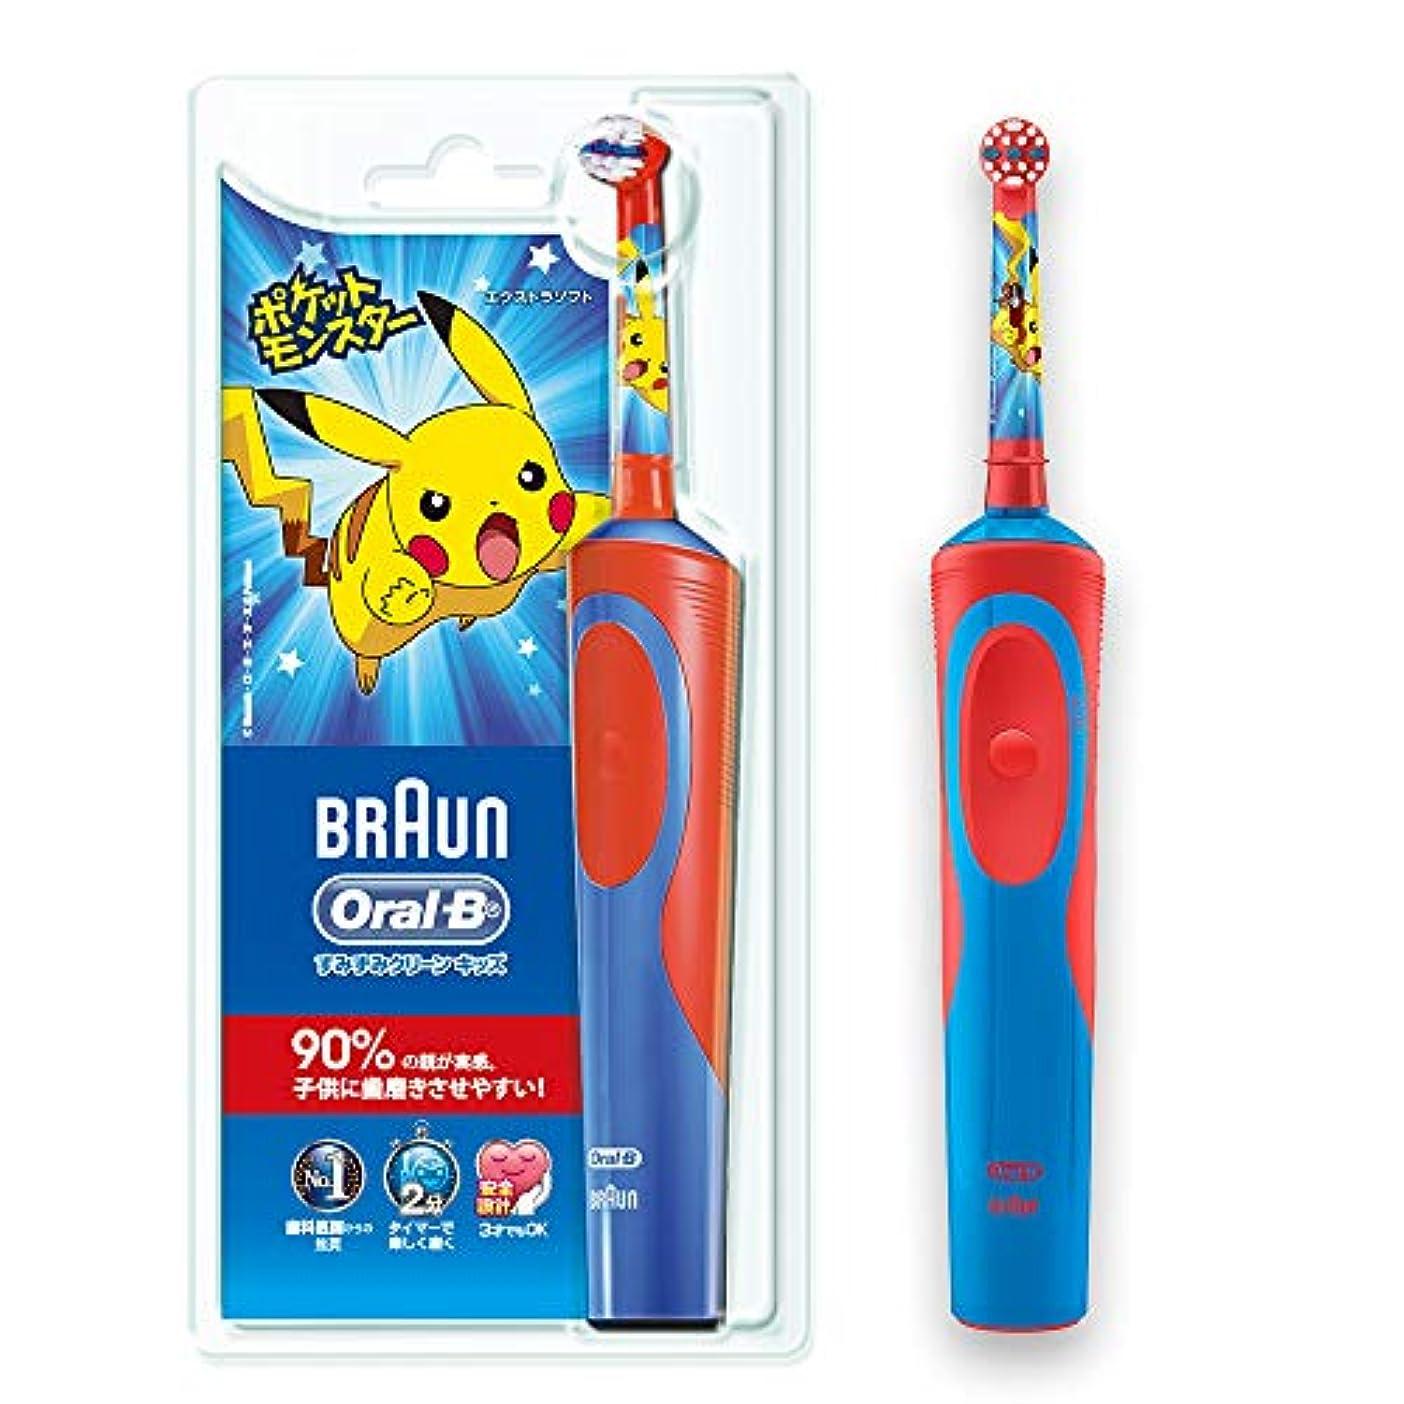 シェルター迷路致命的なブラウン オーラルB 電動歯ブラシ 子供用 D12513KPKMB すみずみクリーンキッズ 本体 レッド ポケモン 歯ブラシ